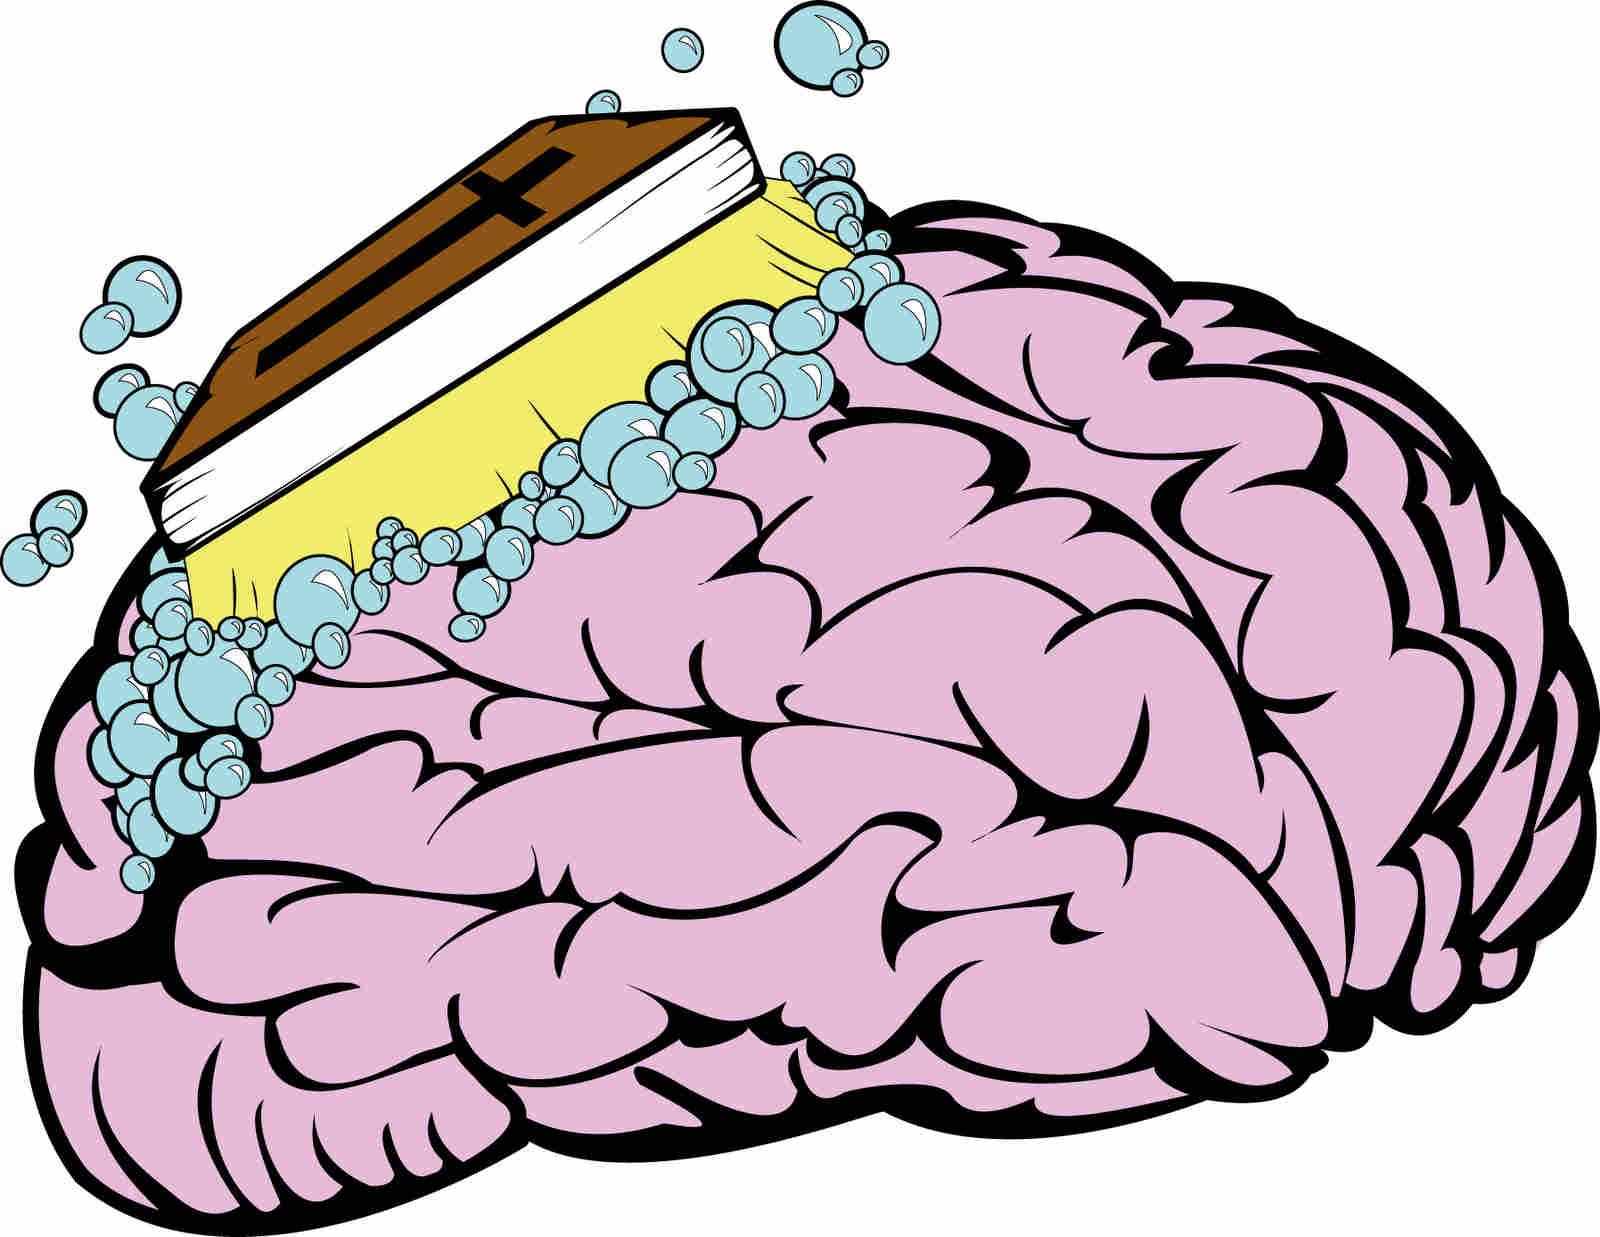 Una proteína revirtió en una semana los signos de enfermedad de Alzheimer en ratones